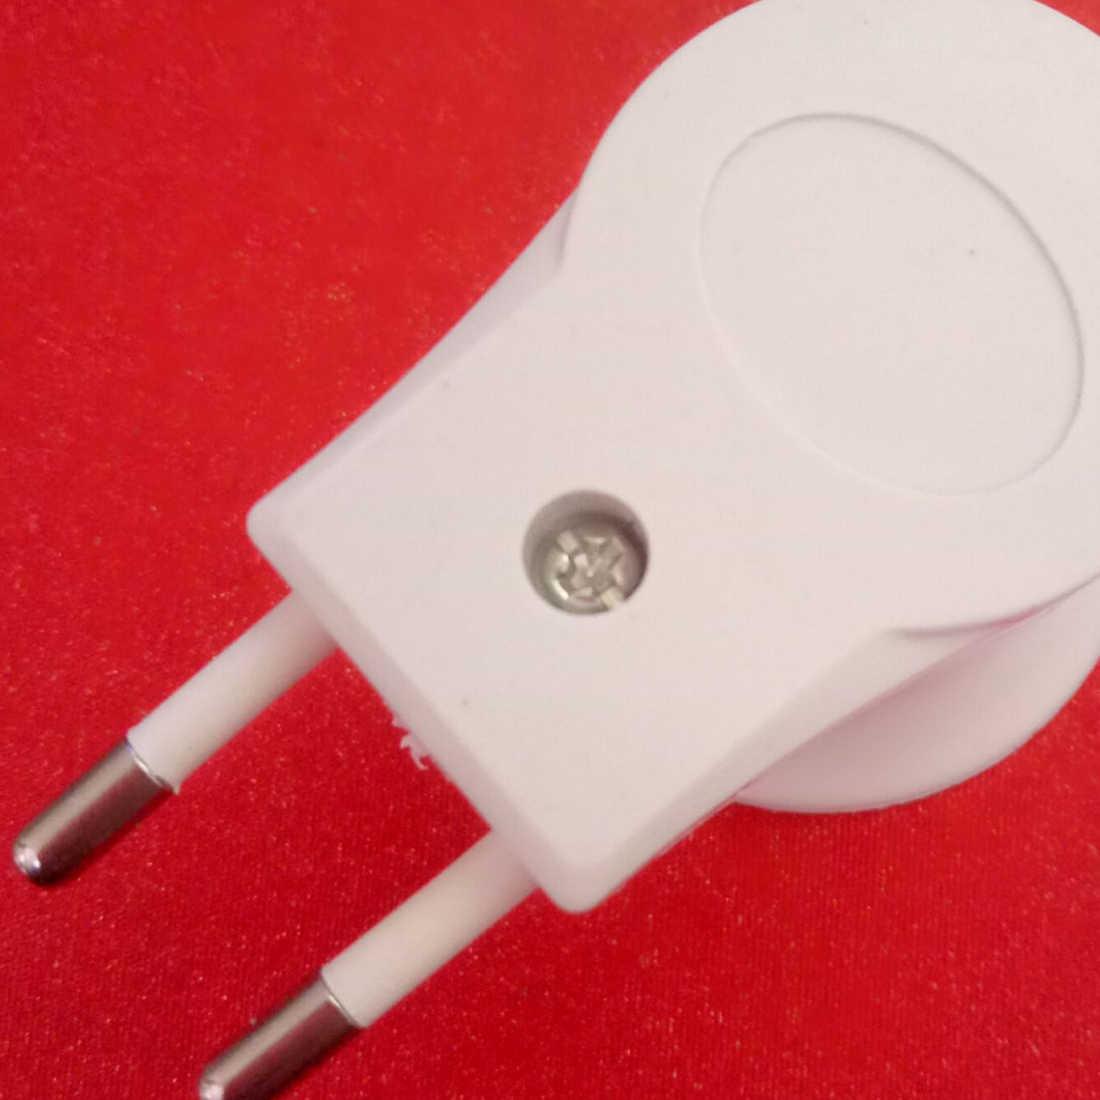 Centechia nowy nabytek E27 gniazdo żeńskie do ue i usa wtyczka Adapter z przełącznikiem zasilania on-off wysokiej jakości